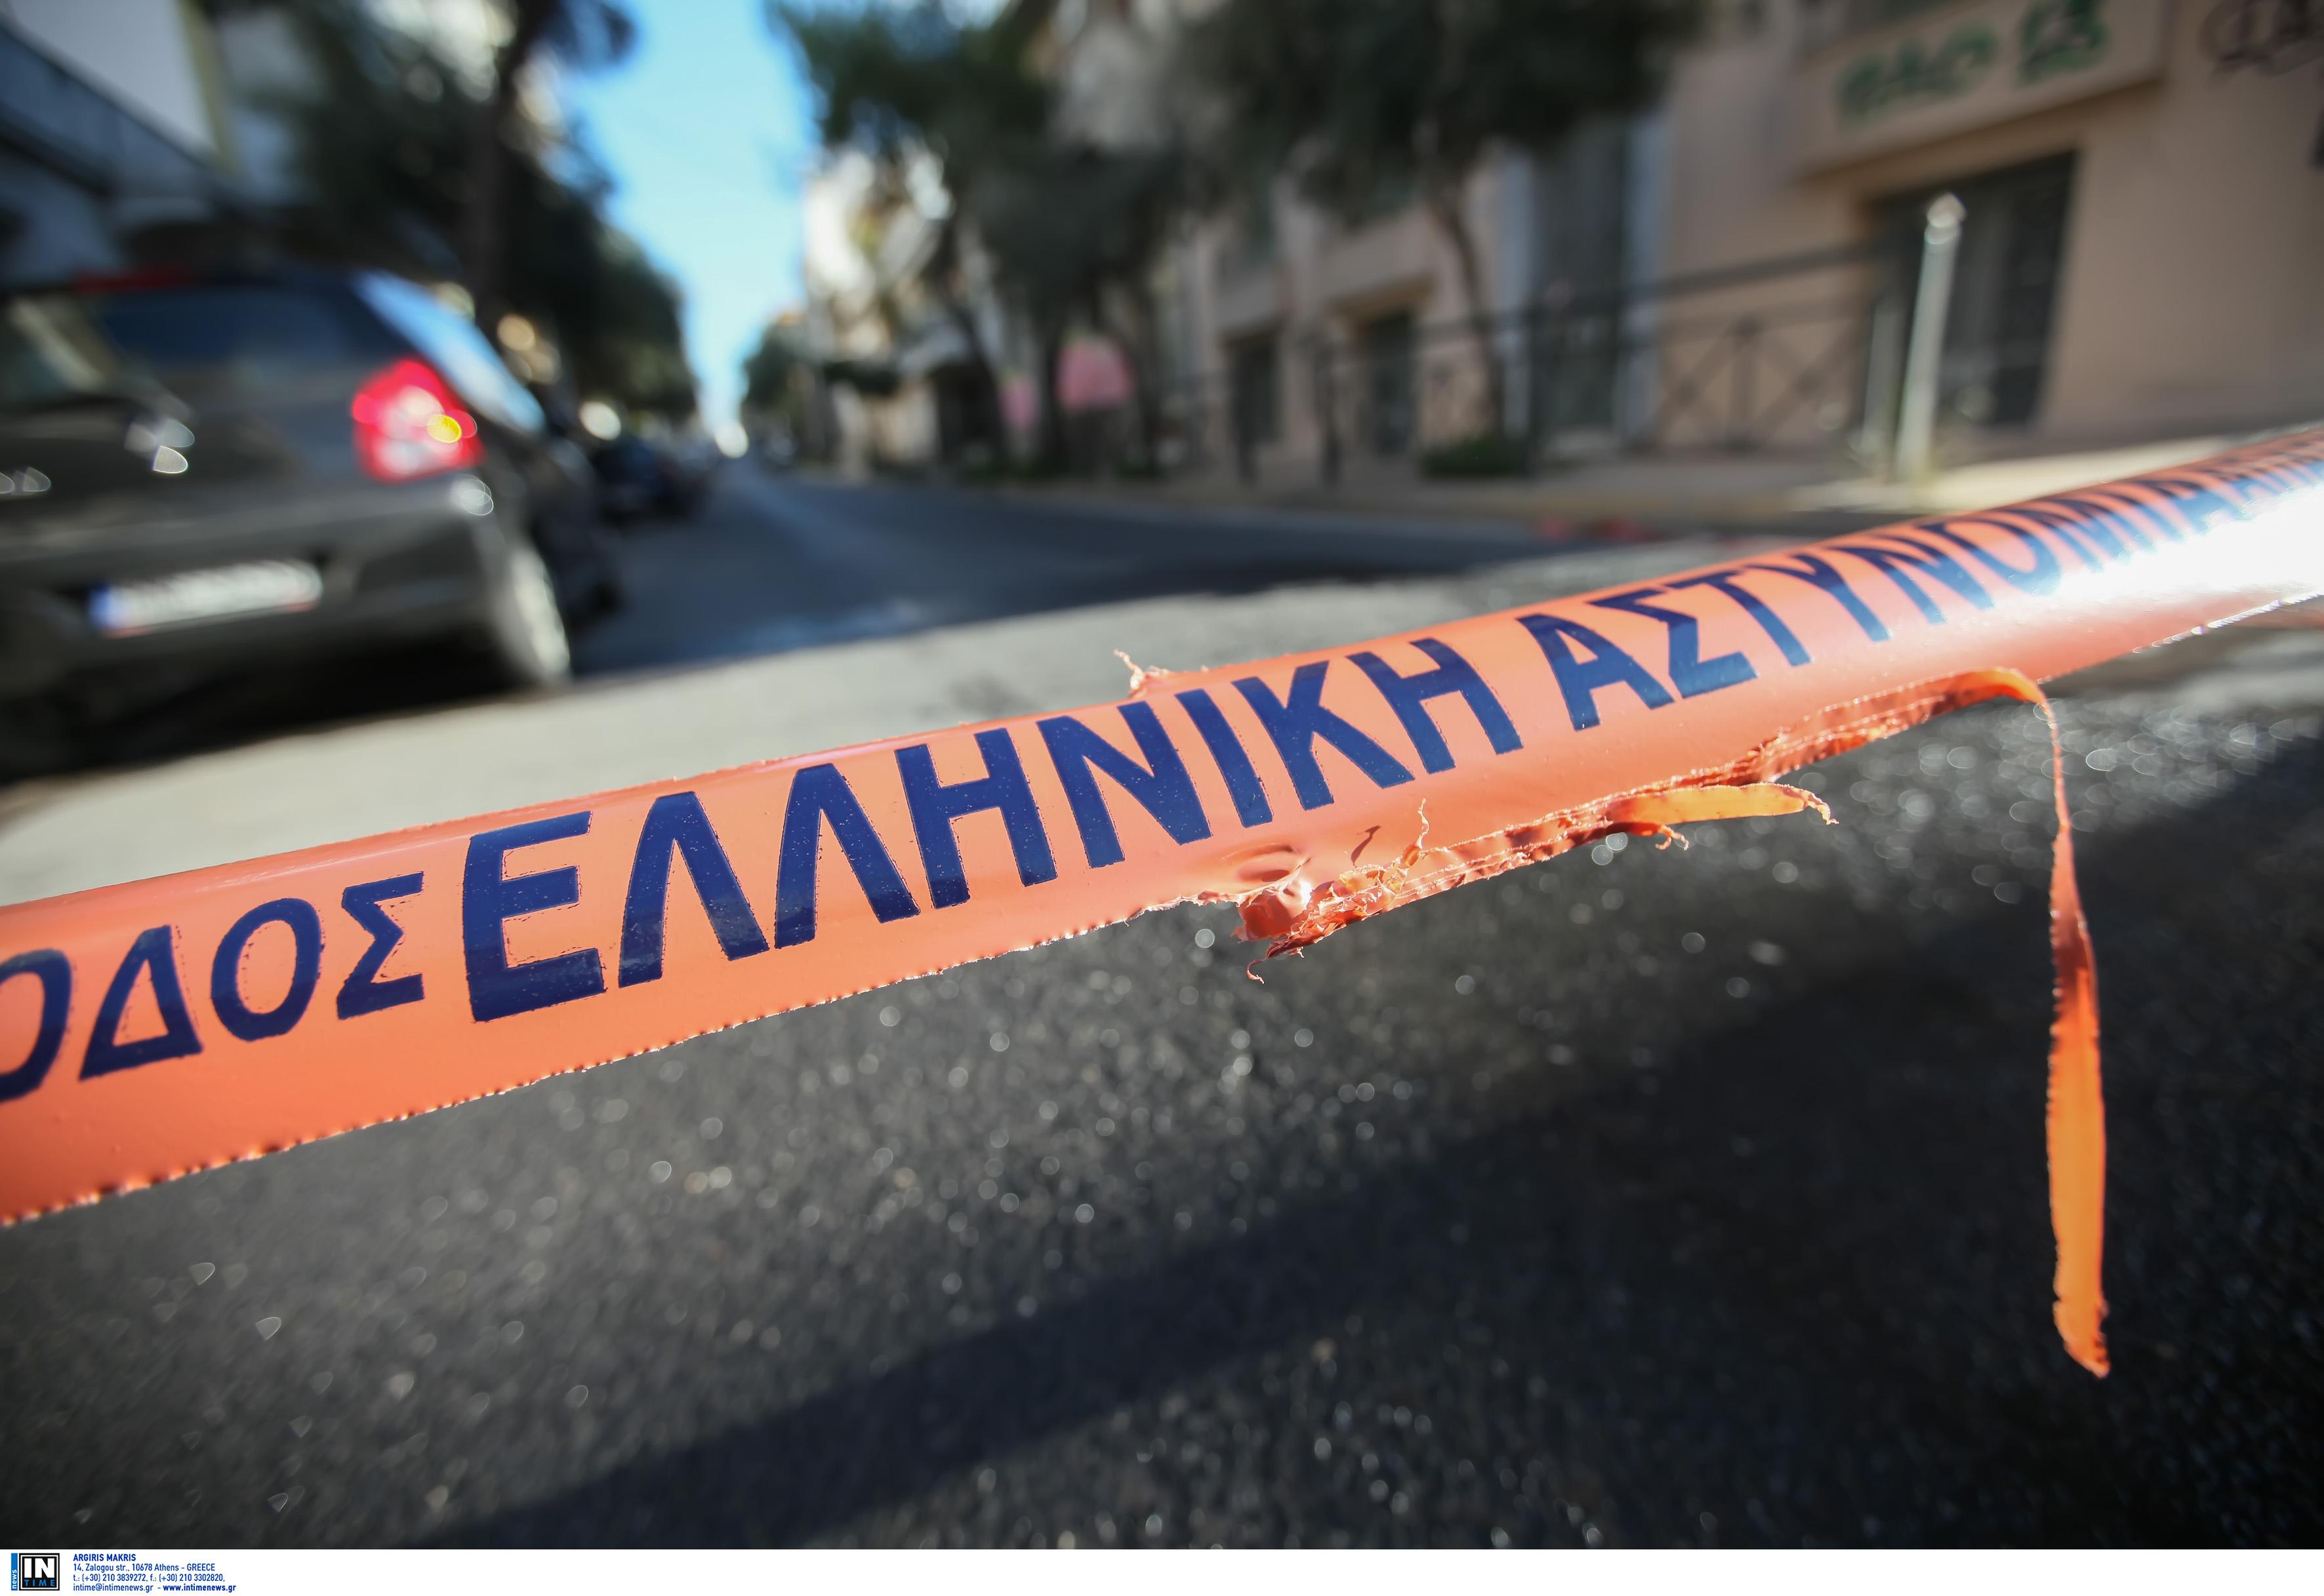 Φθιώτιδα: Νεκρό ζευγάρι μέσα στο σπίτι τους! Αποκλεισμένη η περιοχή στην είσοδο της Μακρακώμης